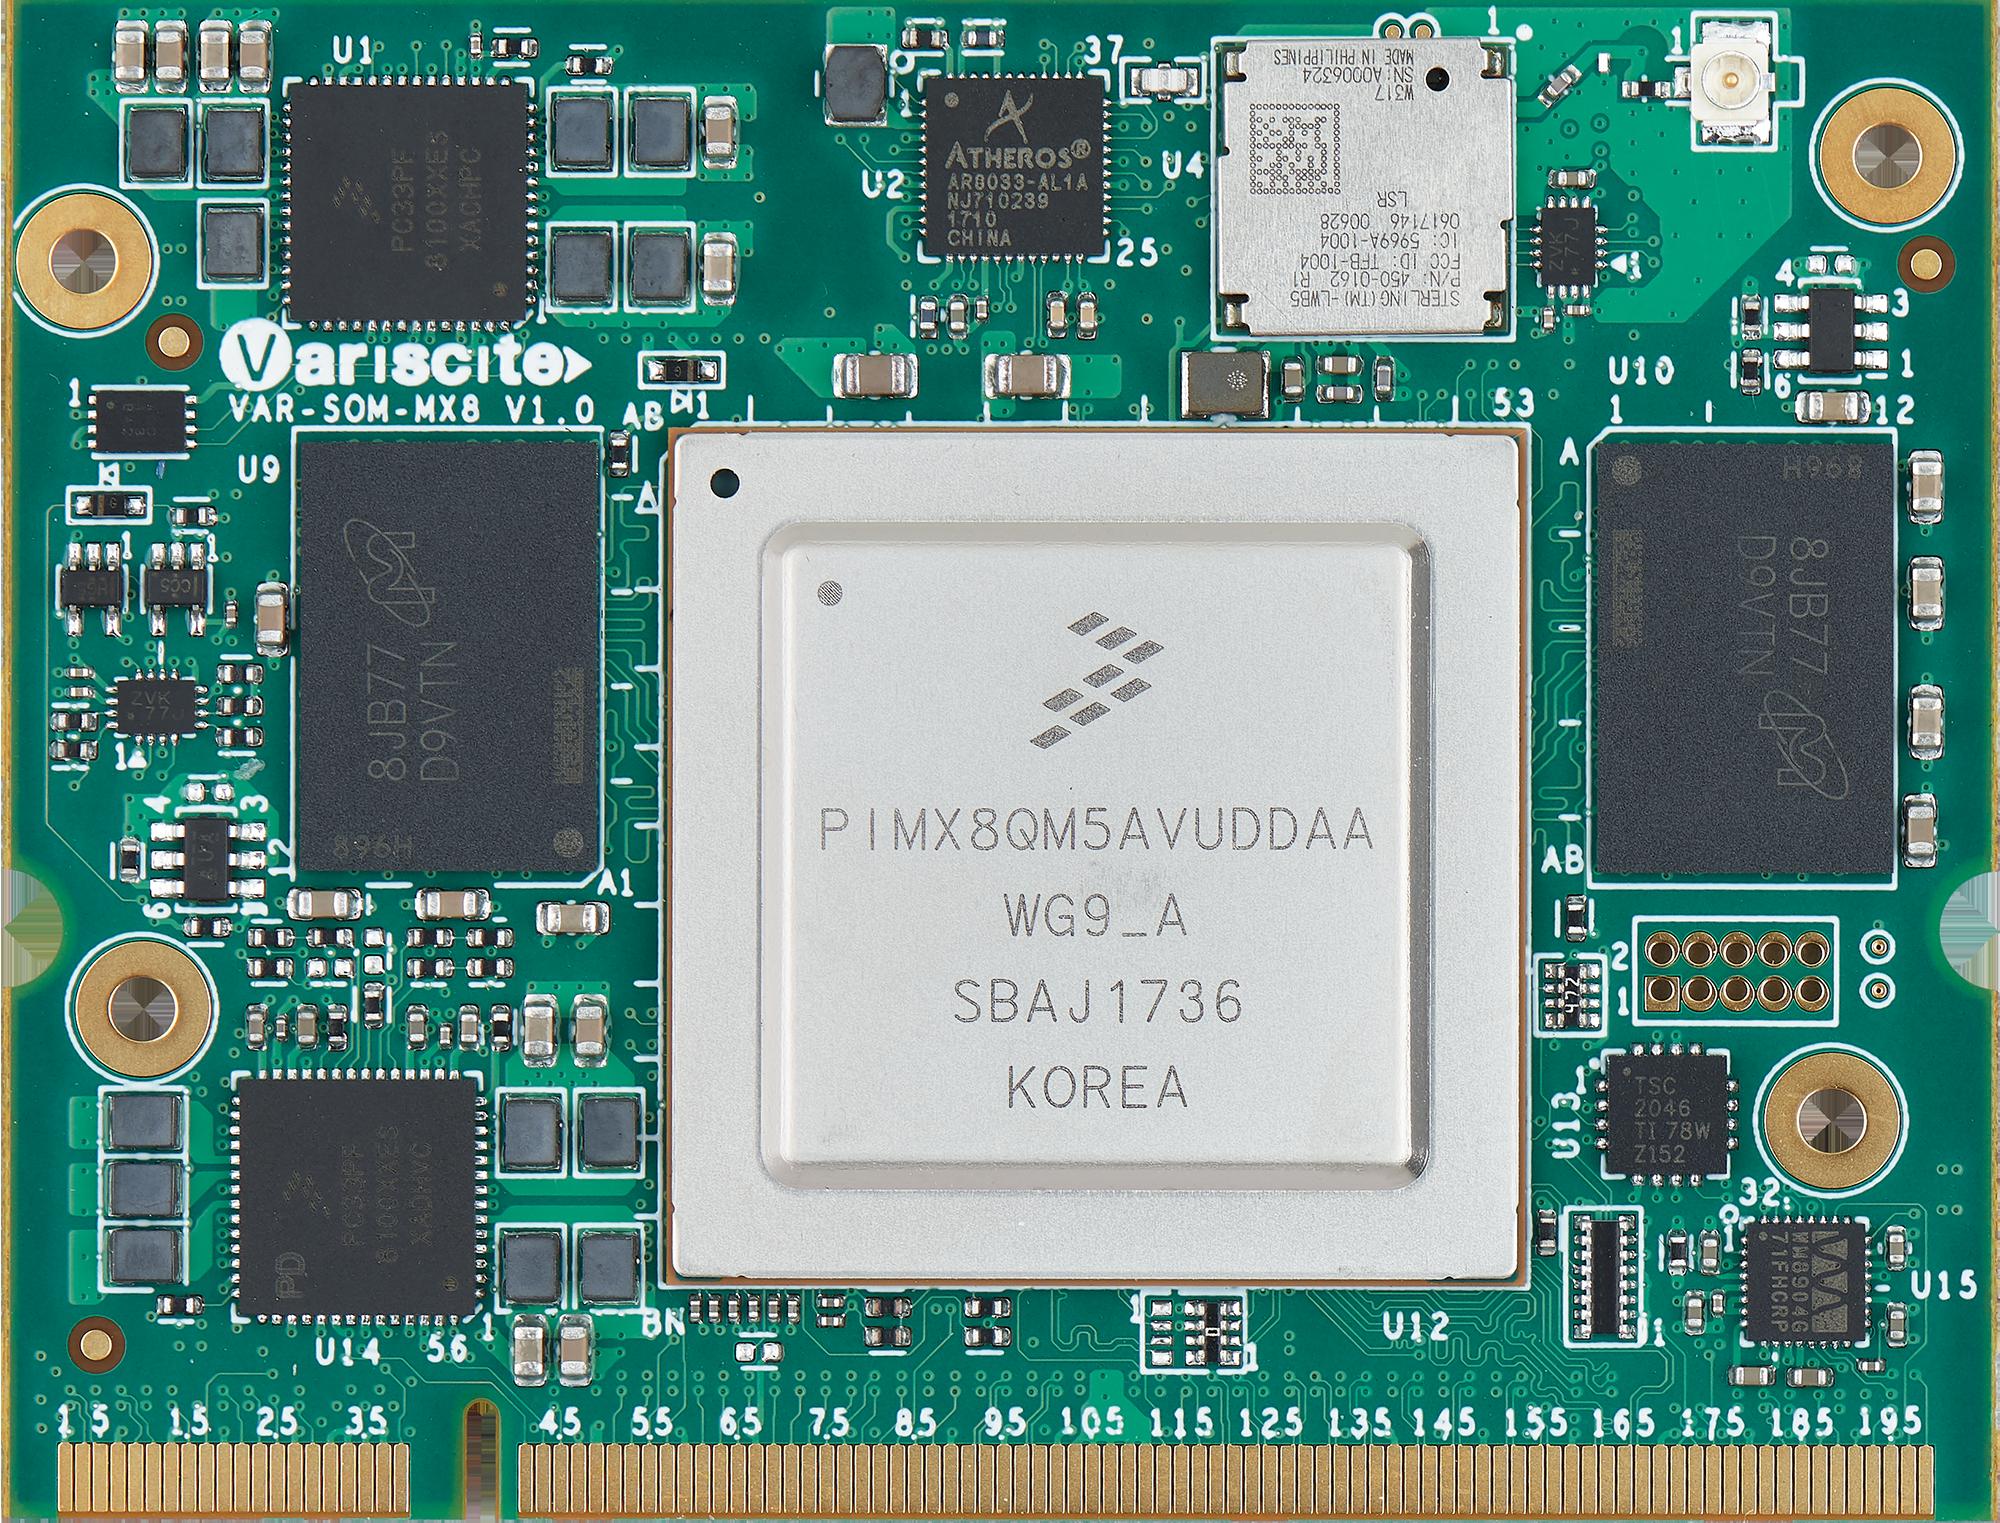 i MX 8 Family Applications Processor | Arm Cortex-A53/A72/M4 | NXP